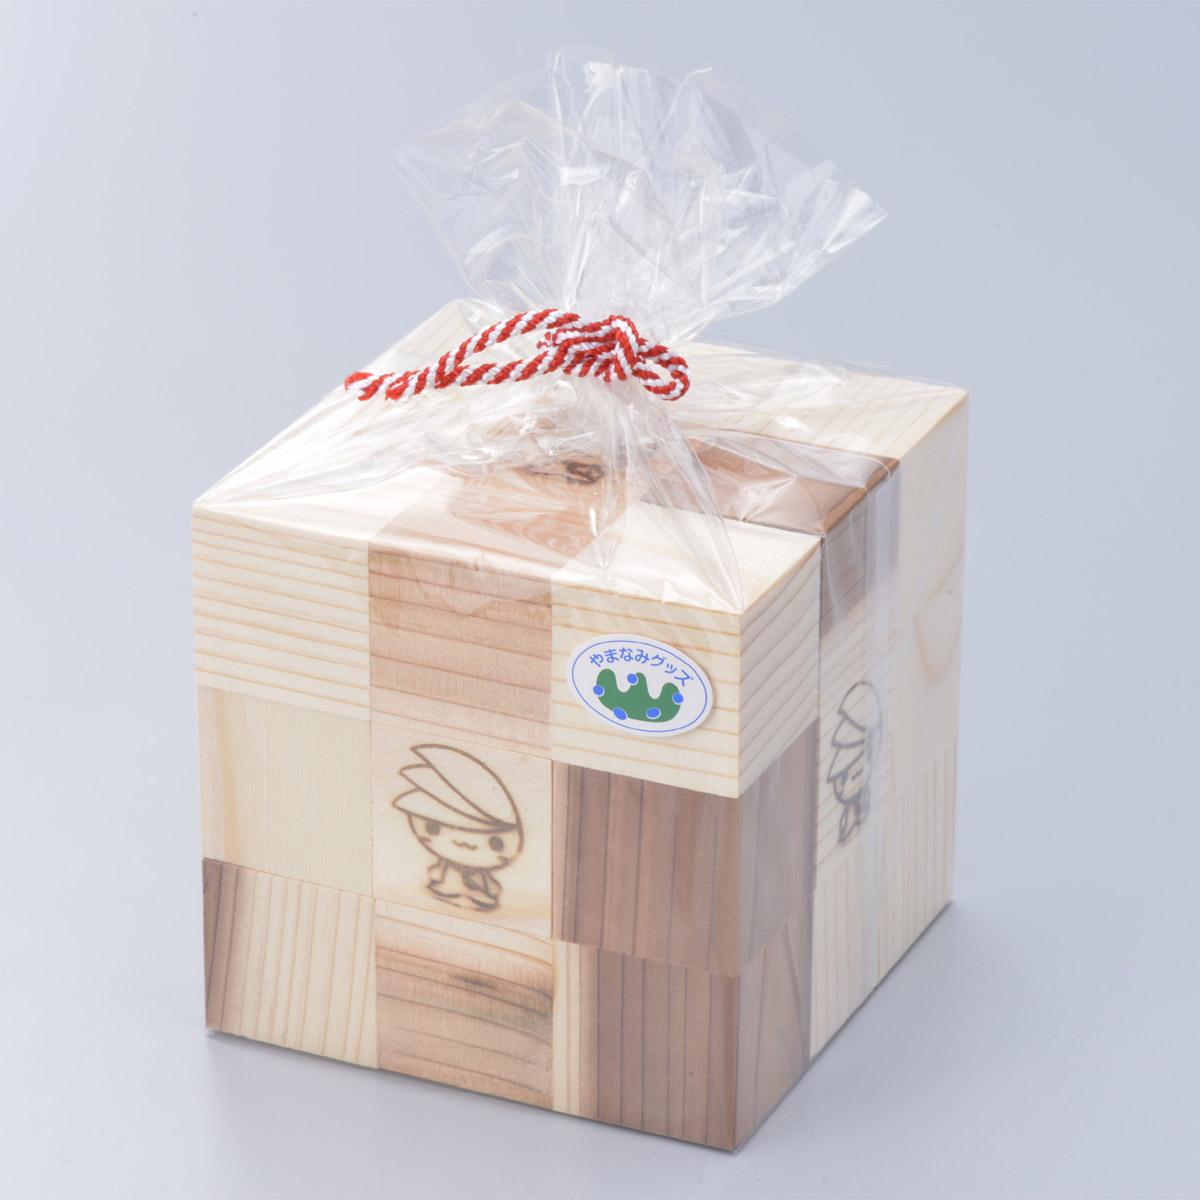 【ふるさと納税】ミウルの「森のパズル」 ☆神奈川県「やまなみグッズ」認定品です!!